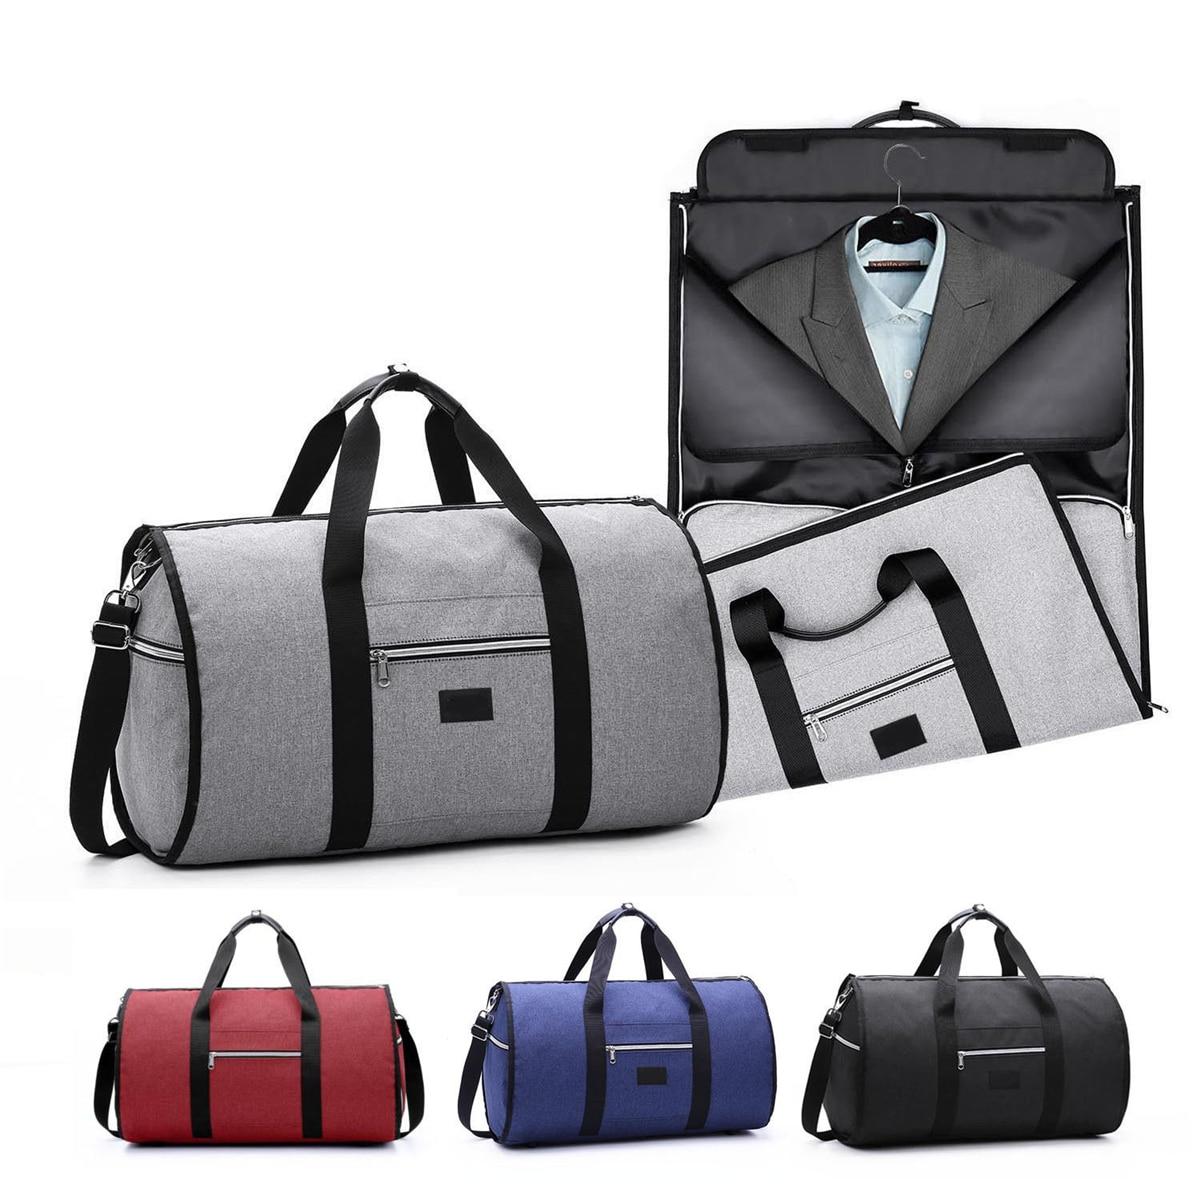 Wasserdichte Reisetasche Herren Bekleidungs Taschen Frauen Reisen Schulter Tasche 2 In 1 Große Gepäck Duffel Totes Tragen Auf Freizeit hand Tasche